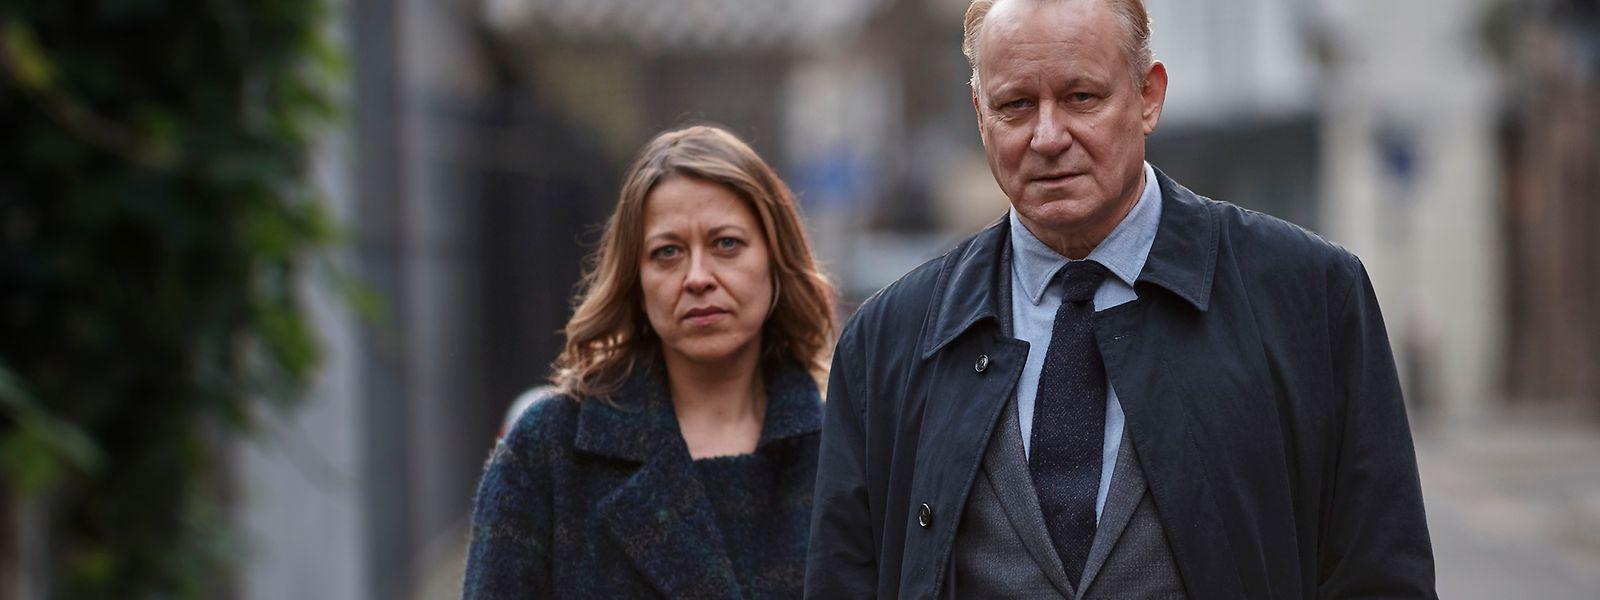 Einer der markantesten Kino- und TV-Darsteller der letzten Jahrzehnte spielt die Hauptrolle: Stellan Skarsgård (r.).